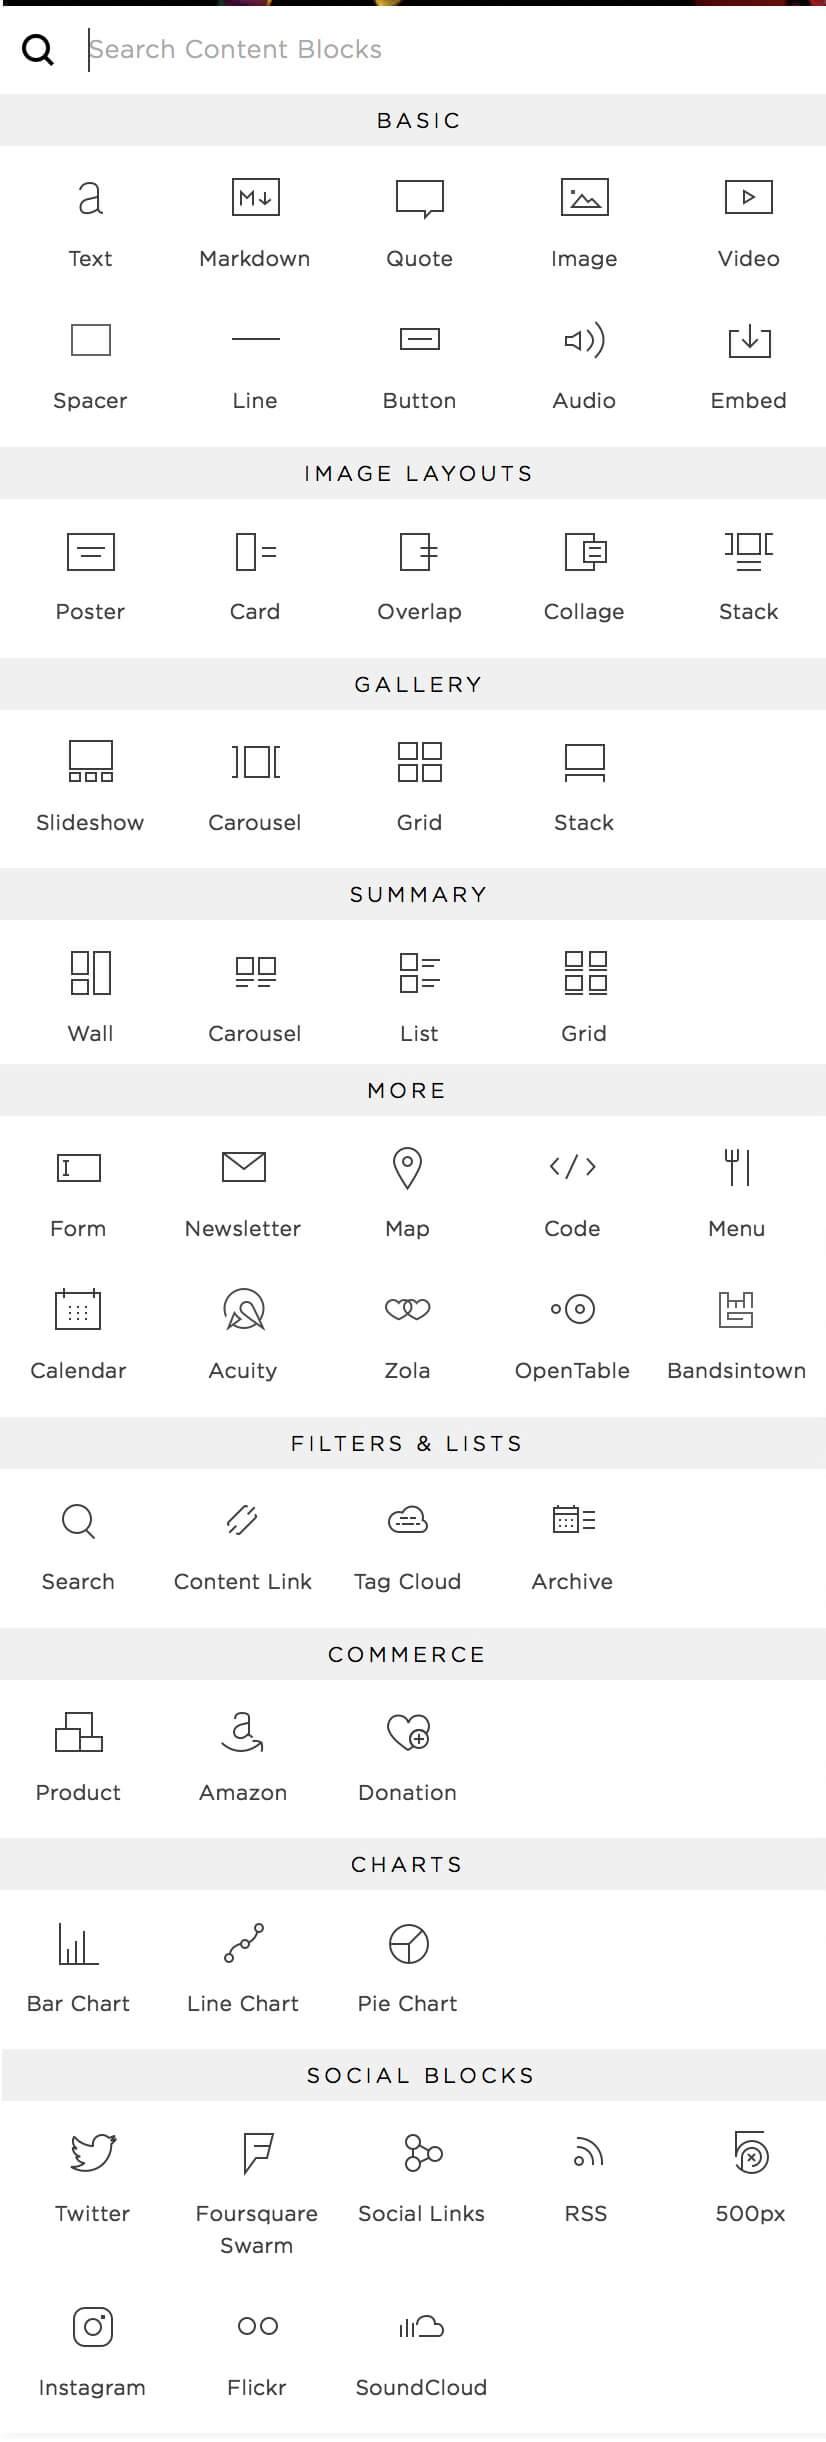 Squarespace-Content-Blocks.jpg